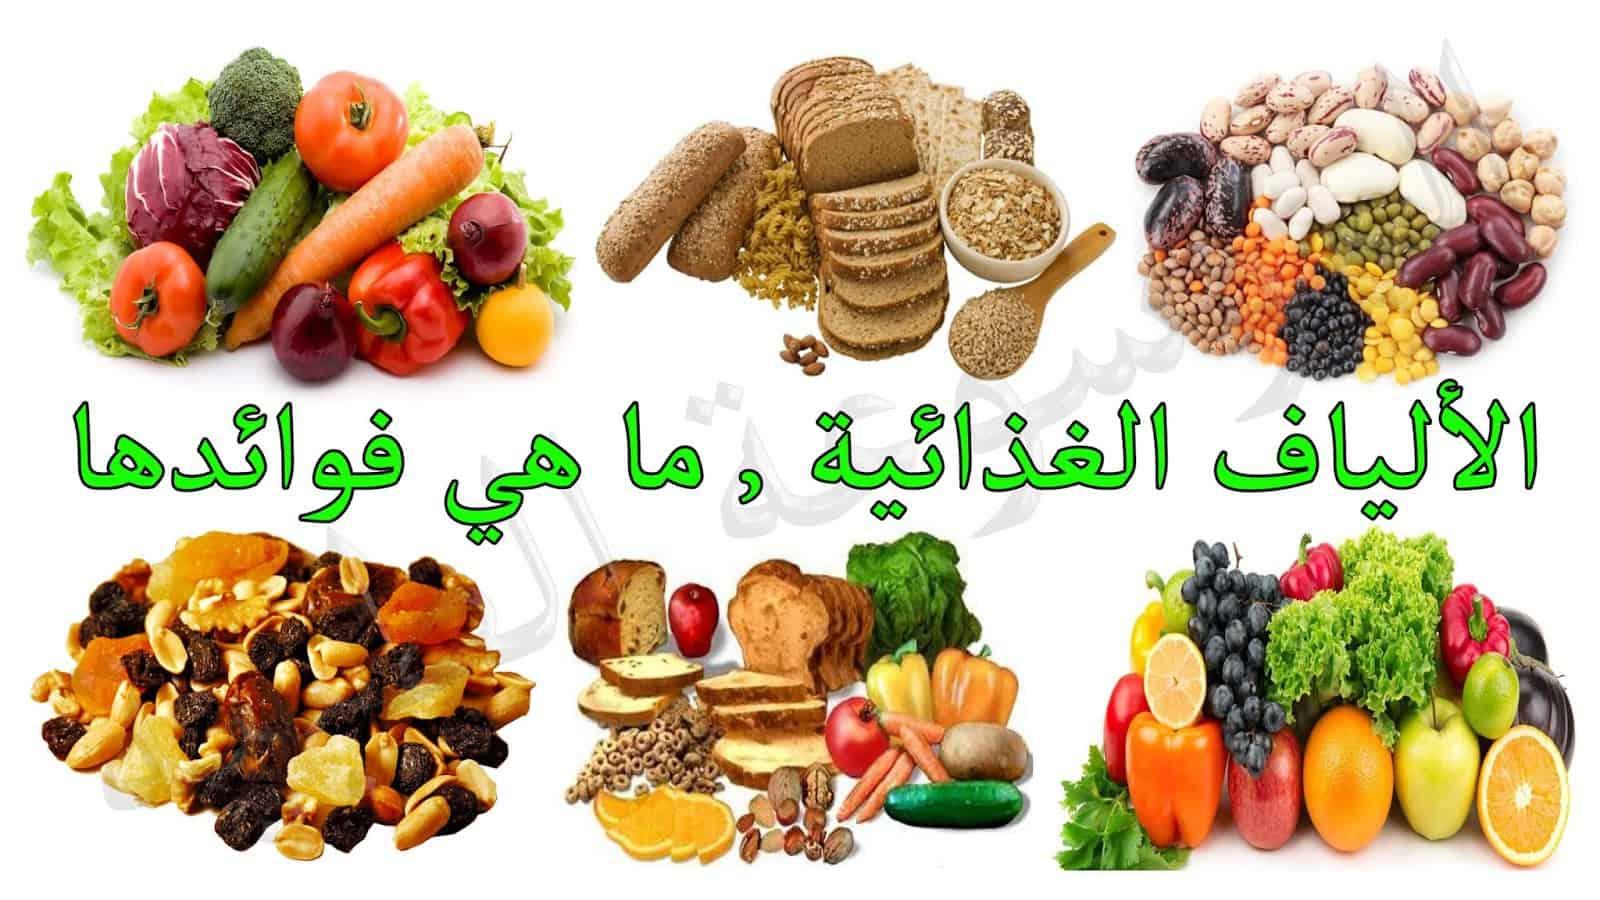 تقرير عن فائدة الالياف الغذائية صحيا